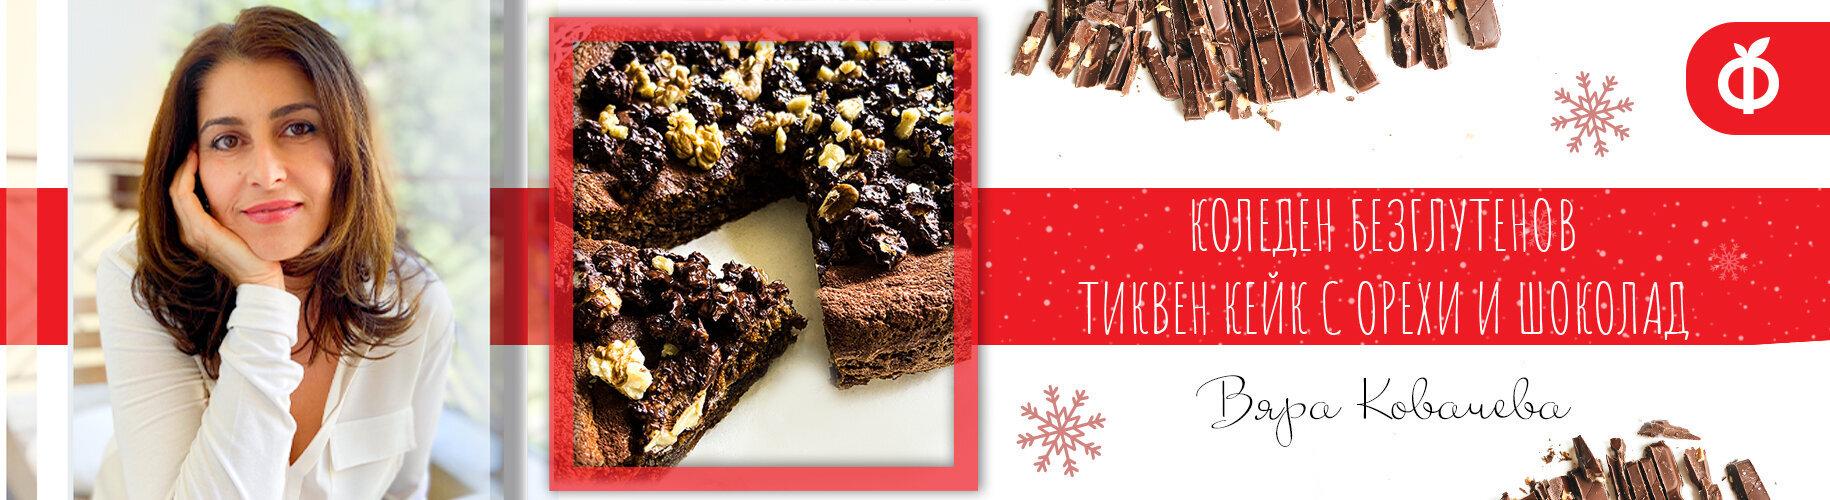 Безглутенов тиквен кейк с орехи и шоколад за Коледа от Вяра Ковачева